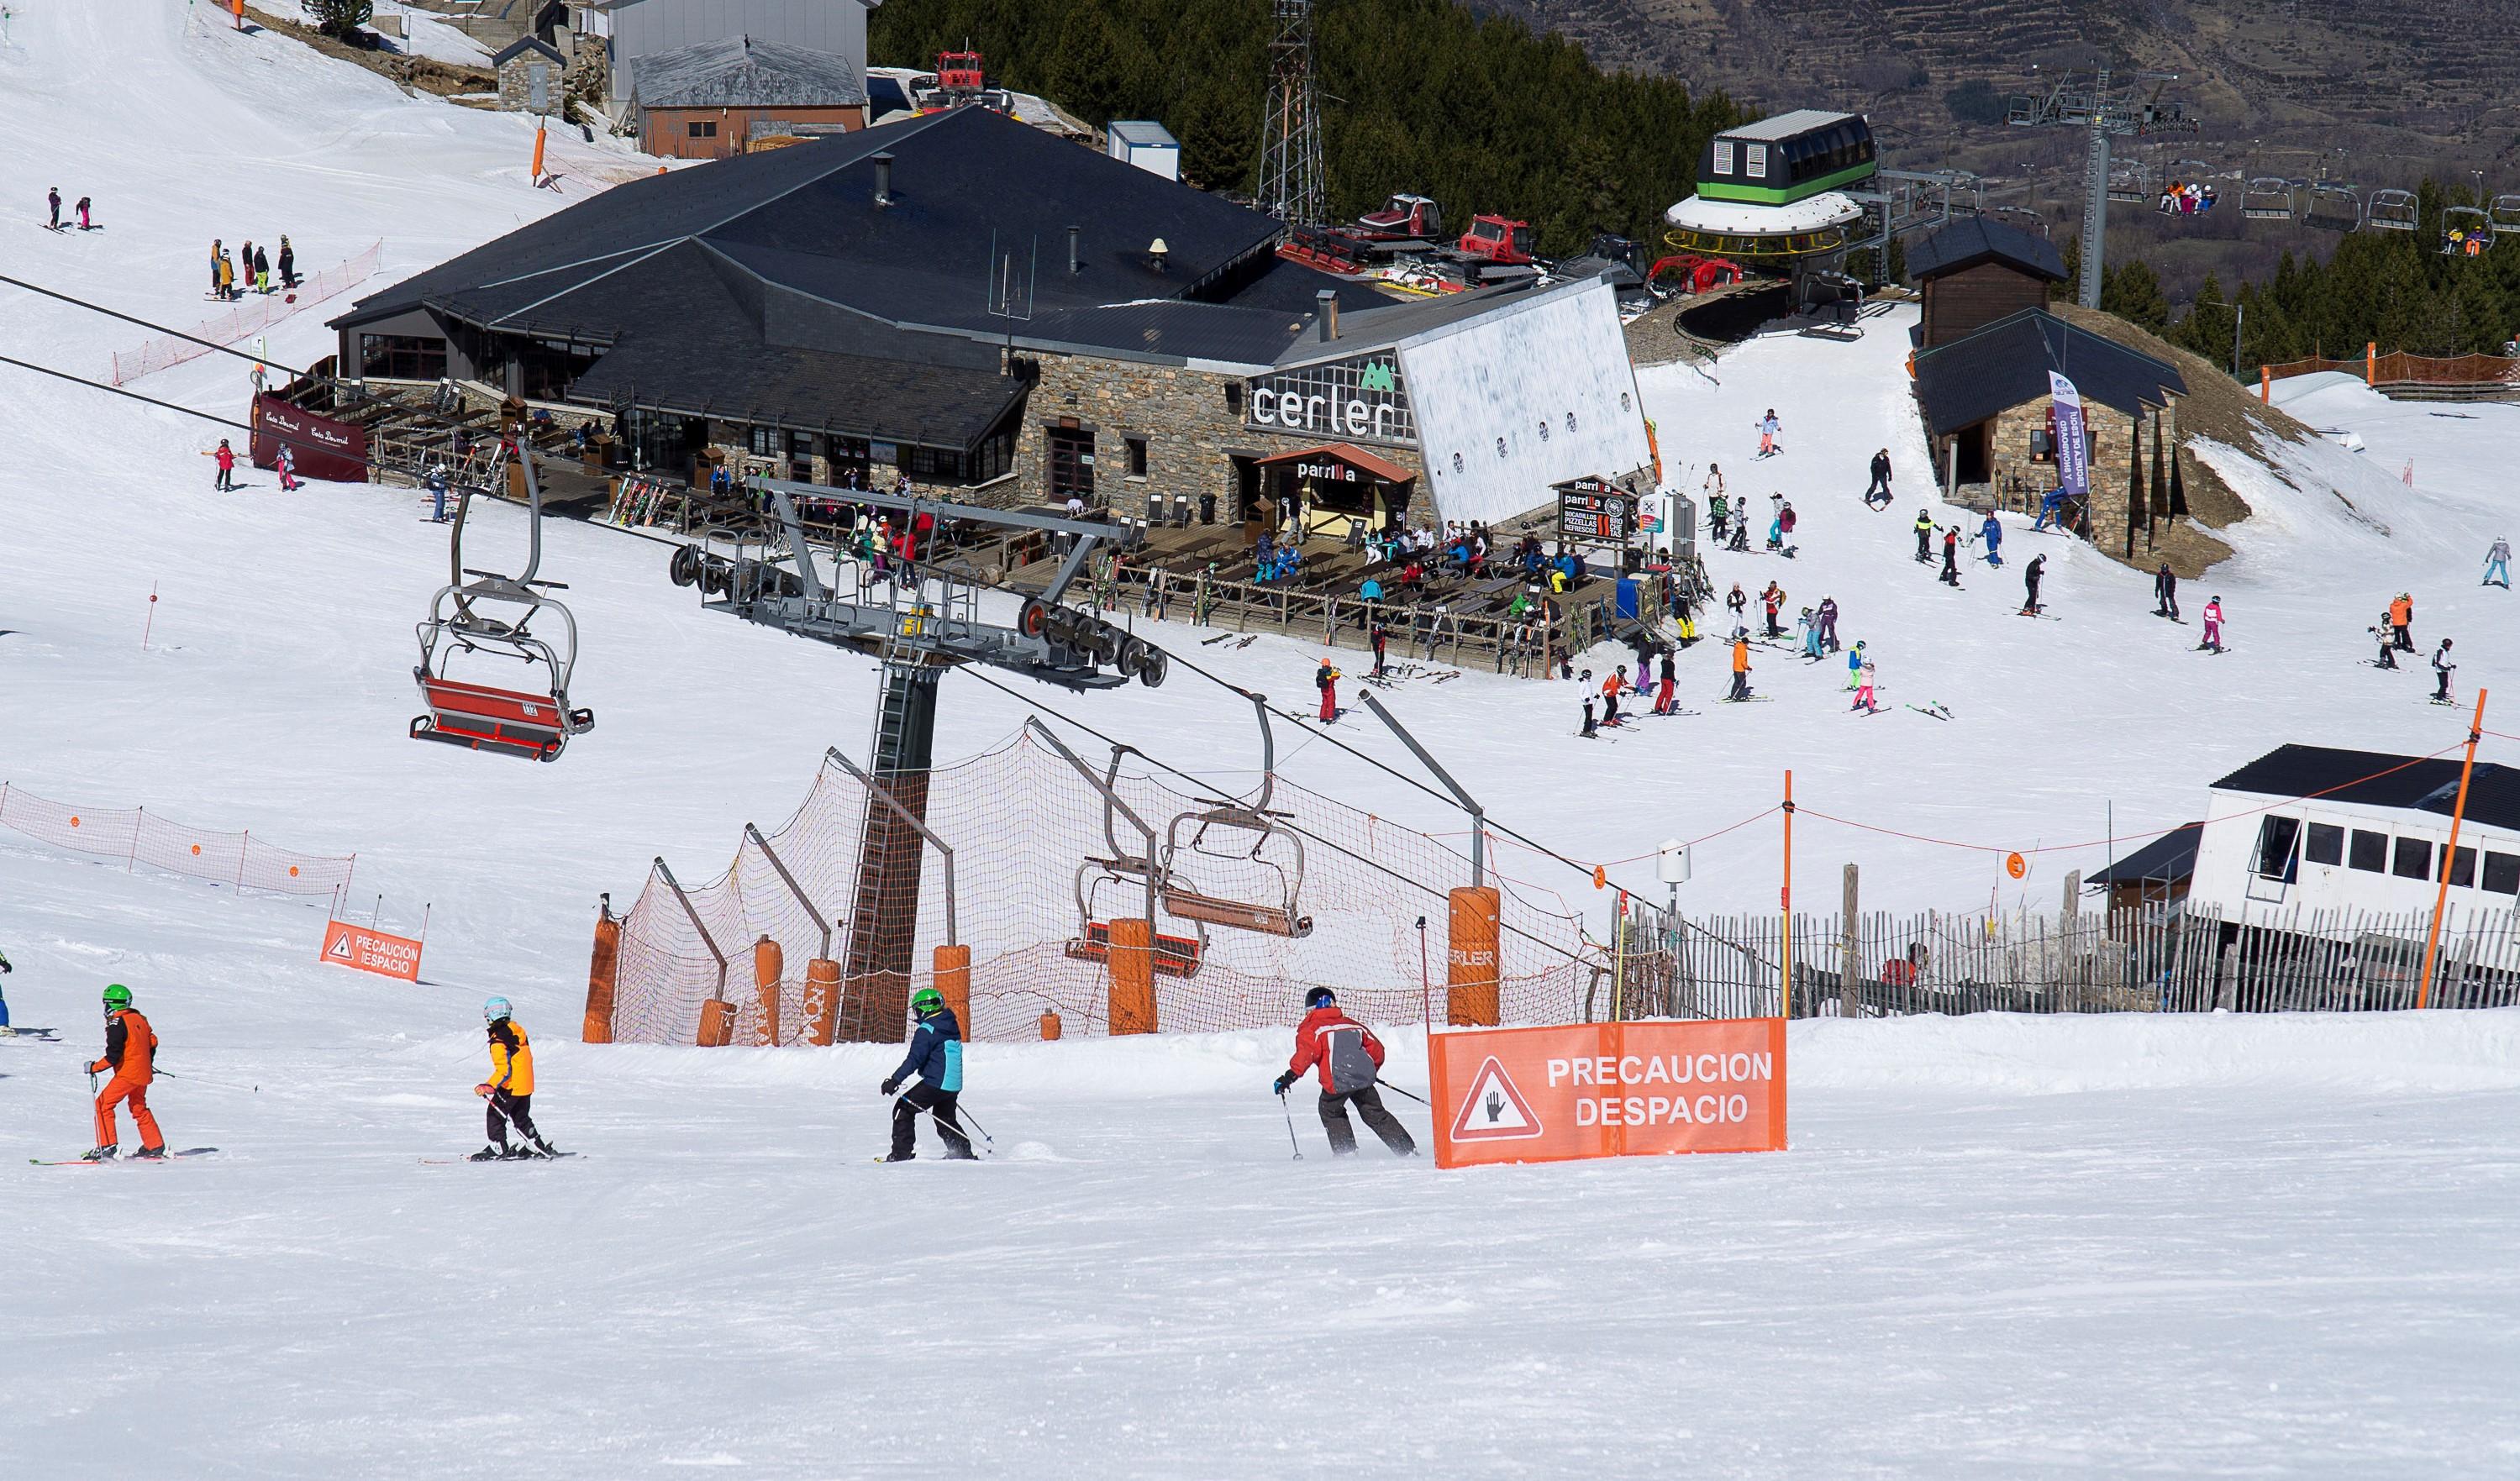 Grandes días de nieve para la pistas de Aramón